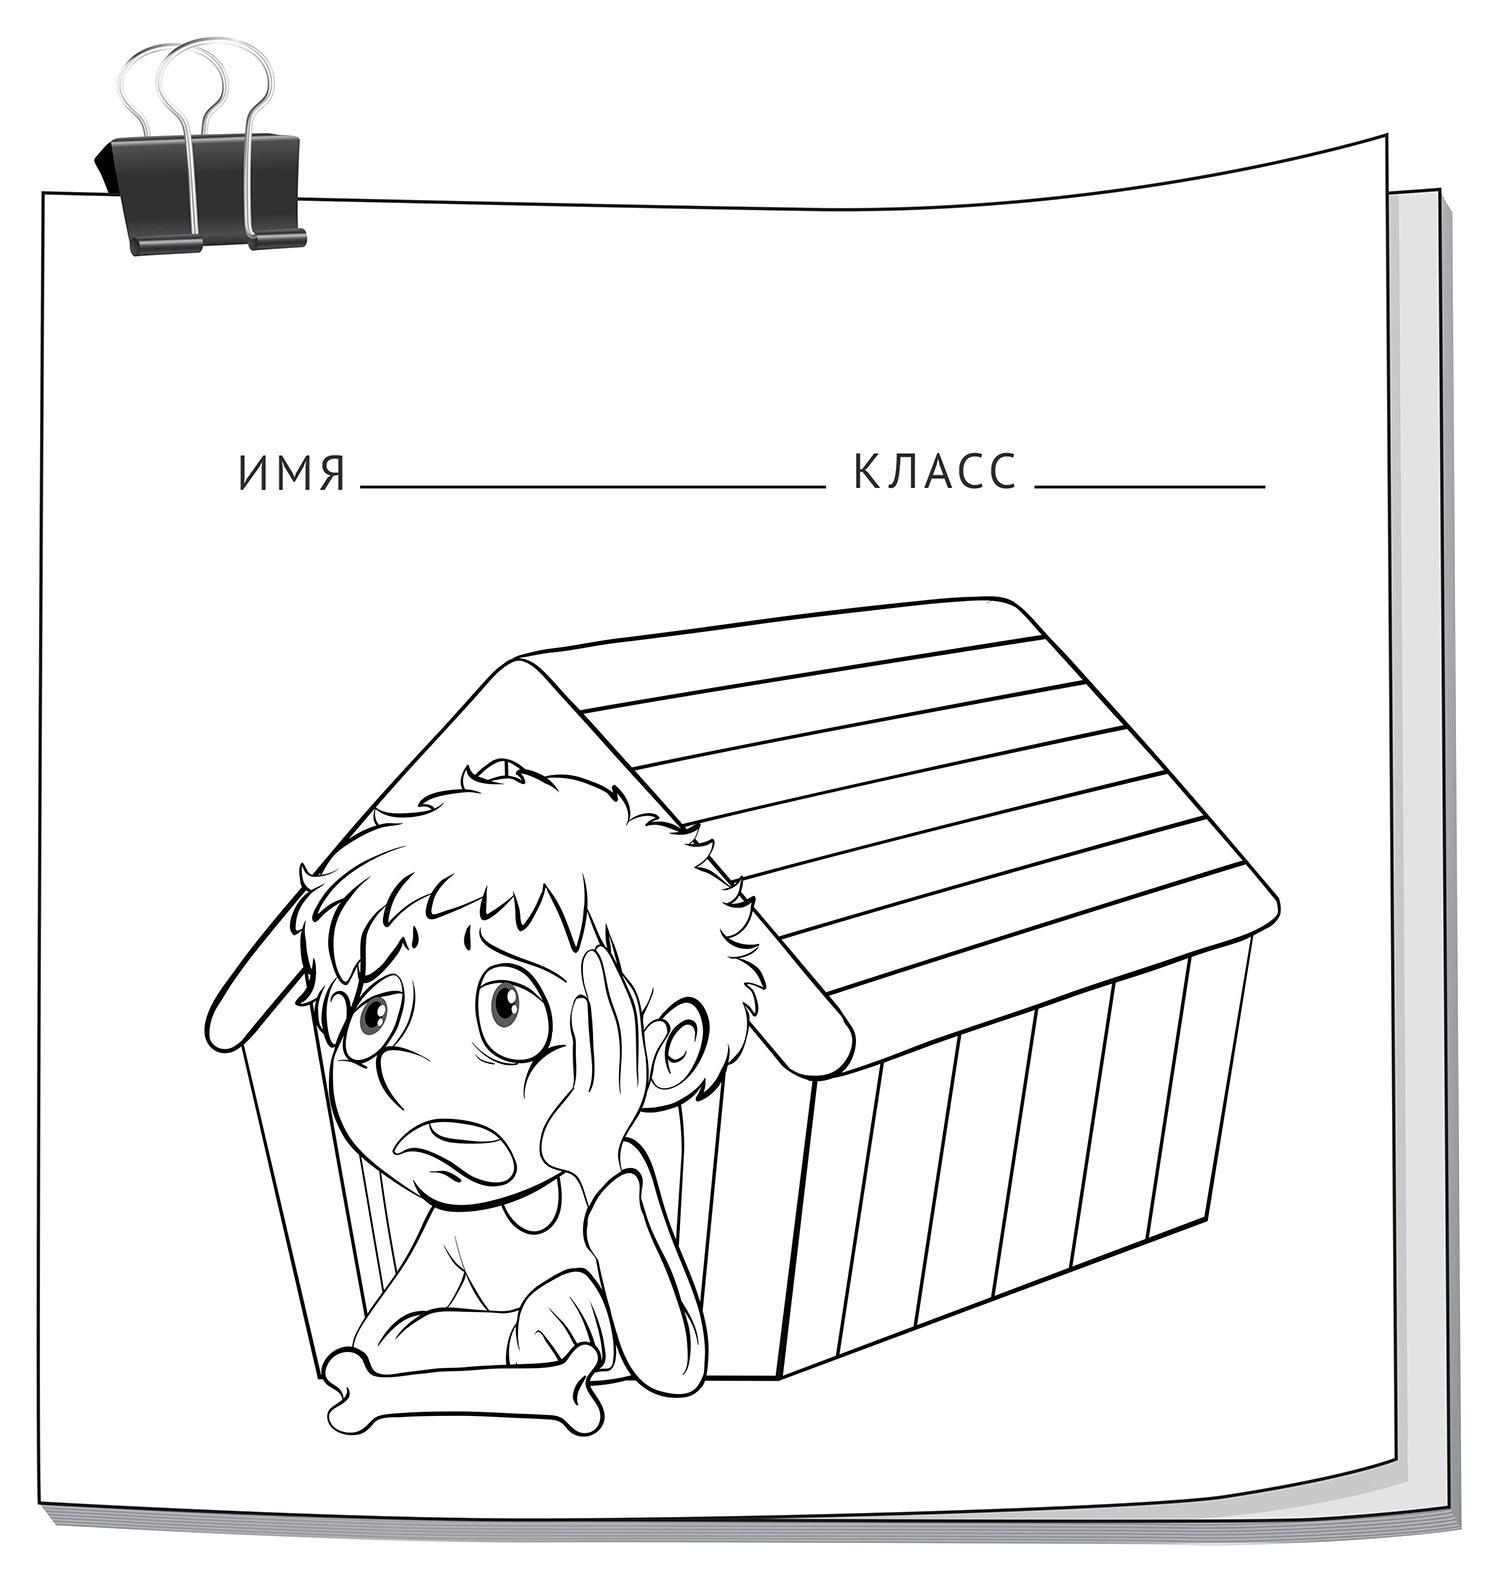 Раскраска Мальчик в будке распечатать или скачать бесплатно